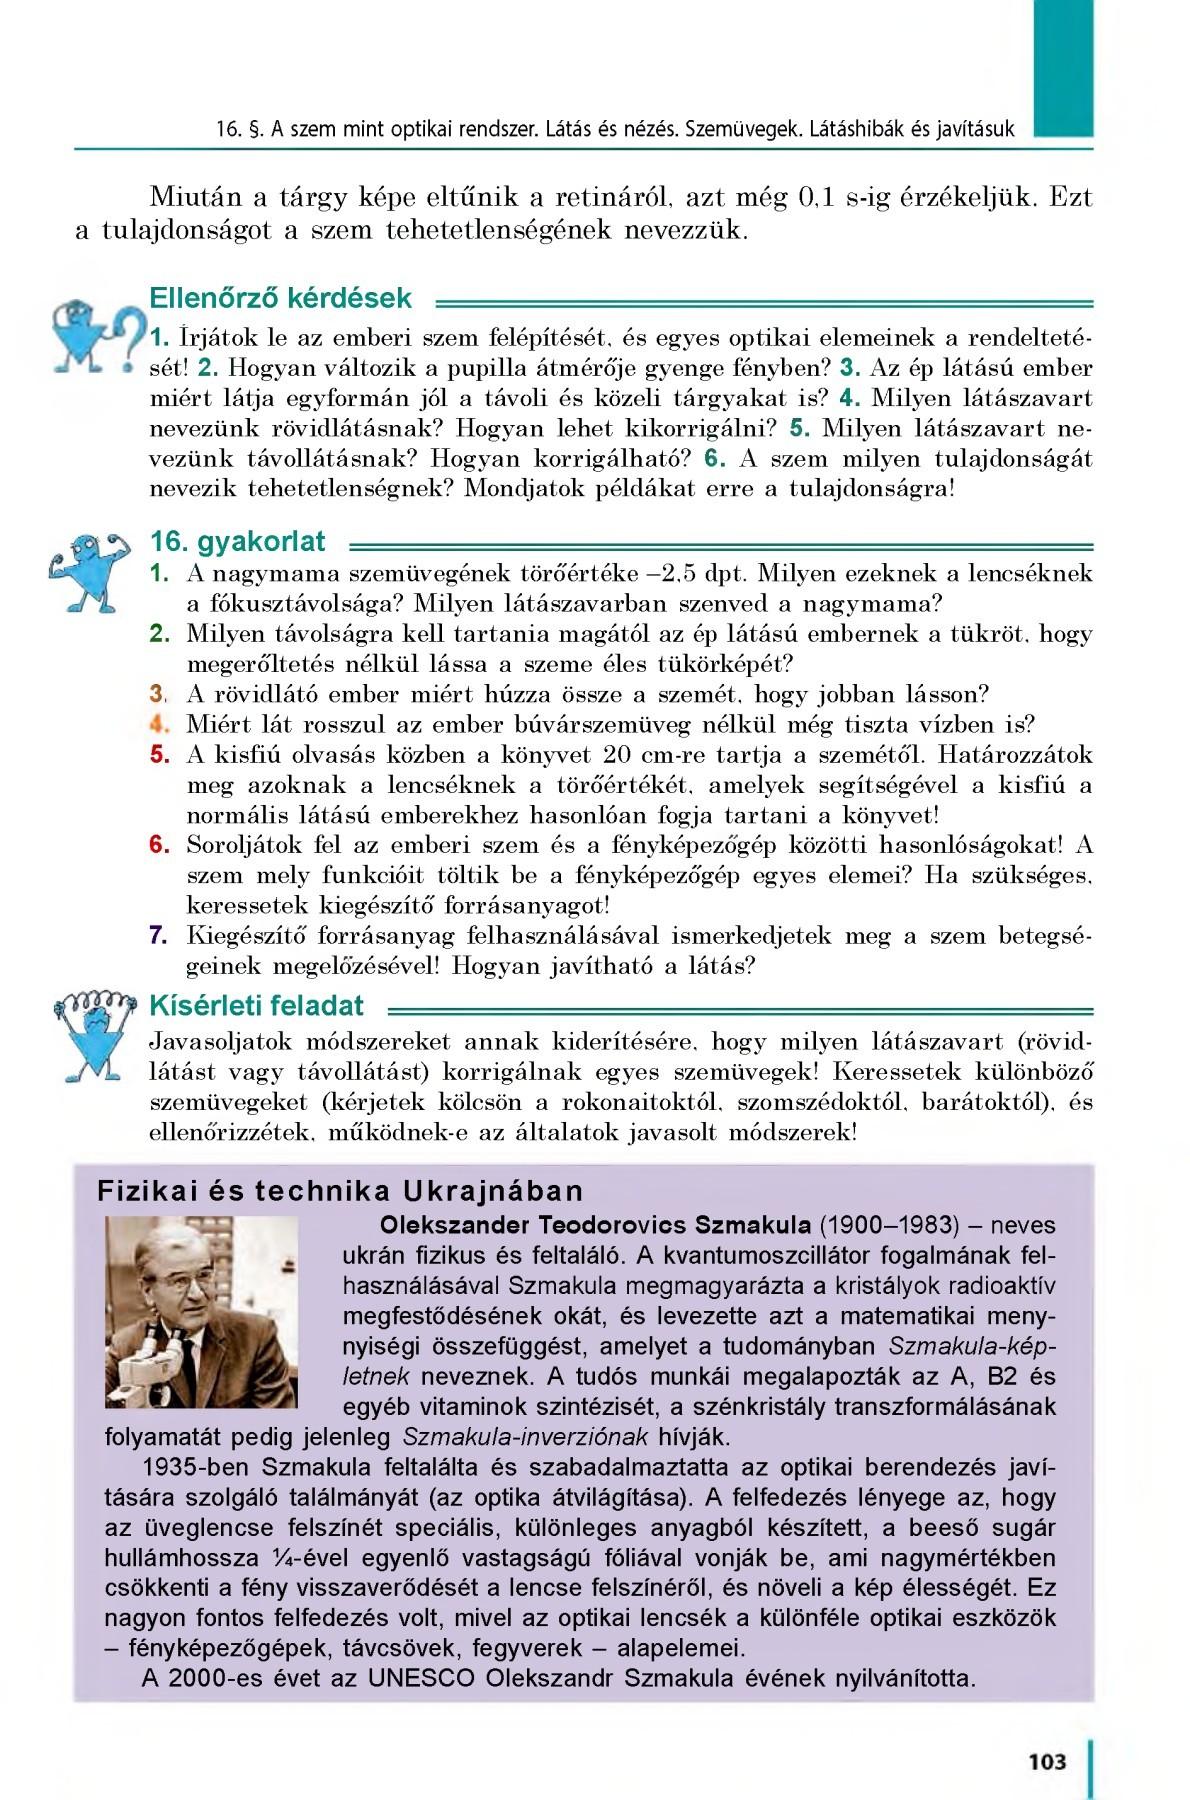 a stroboszkópos látás az)